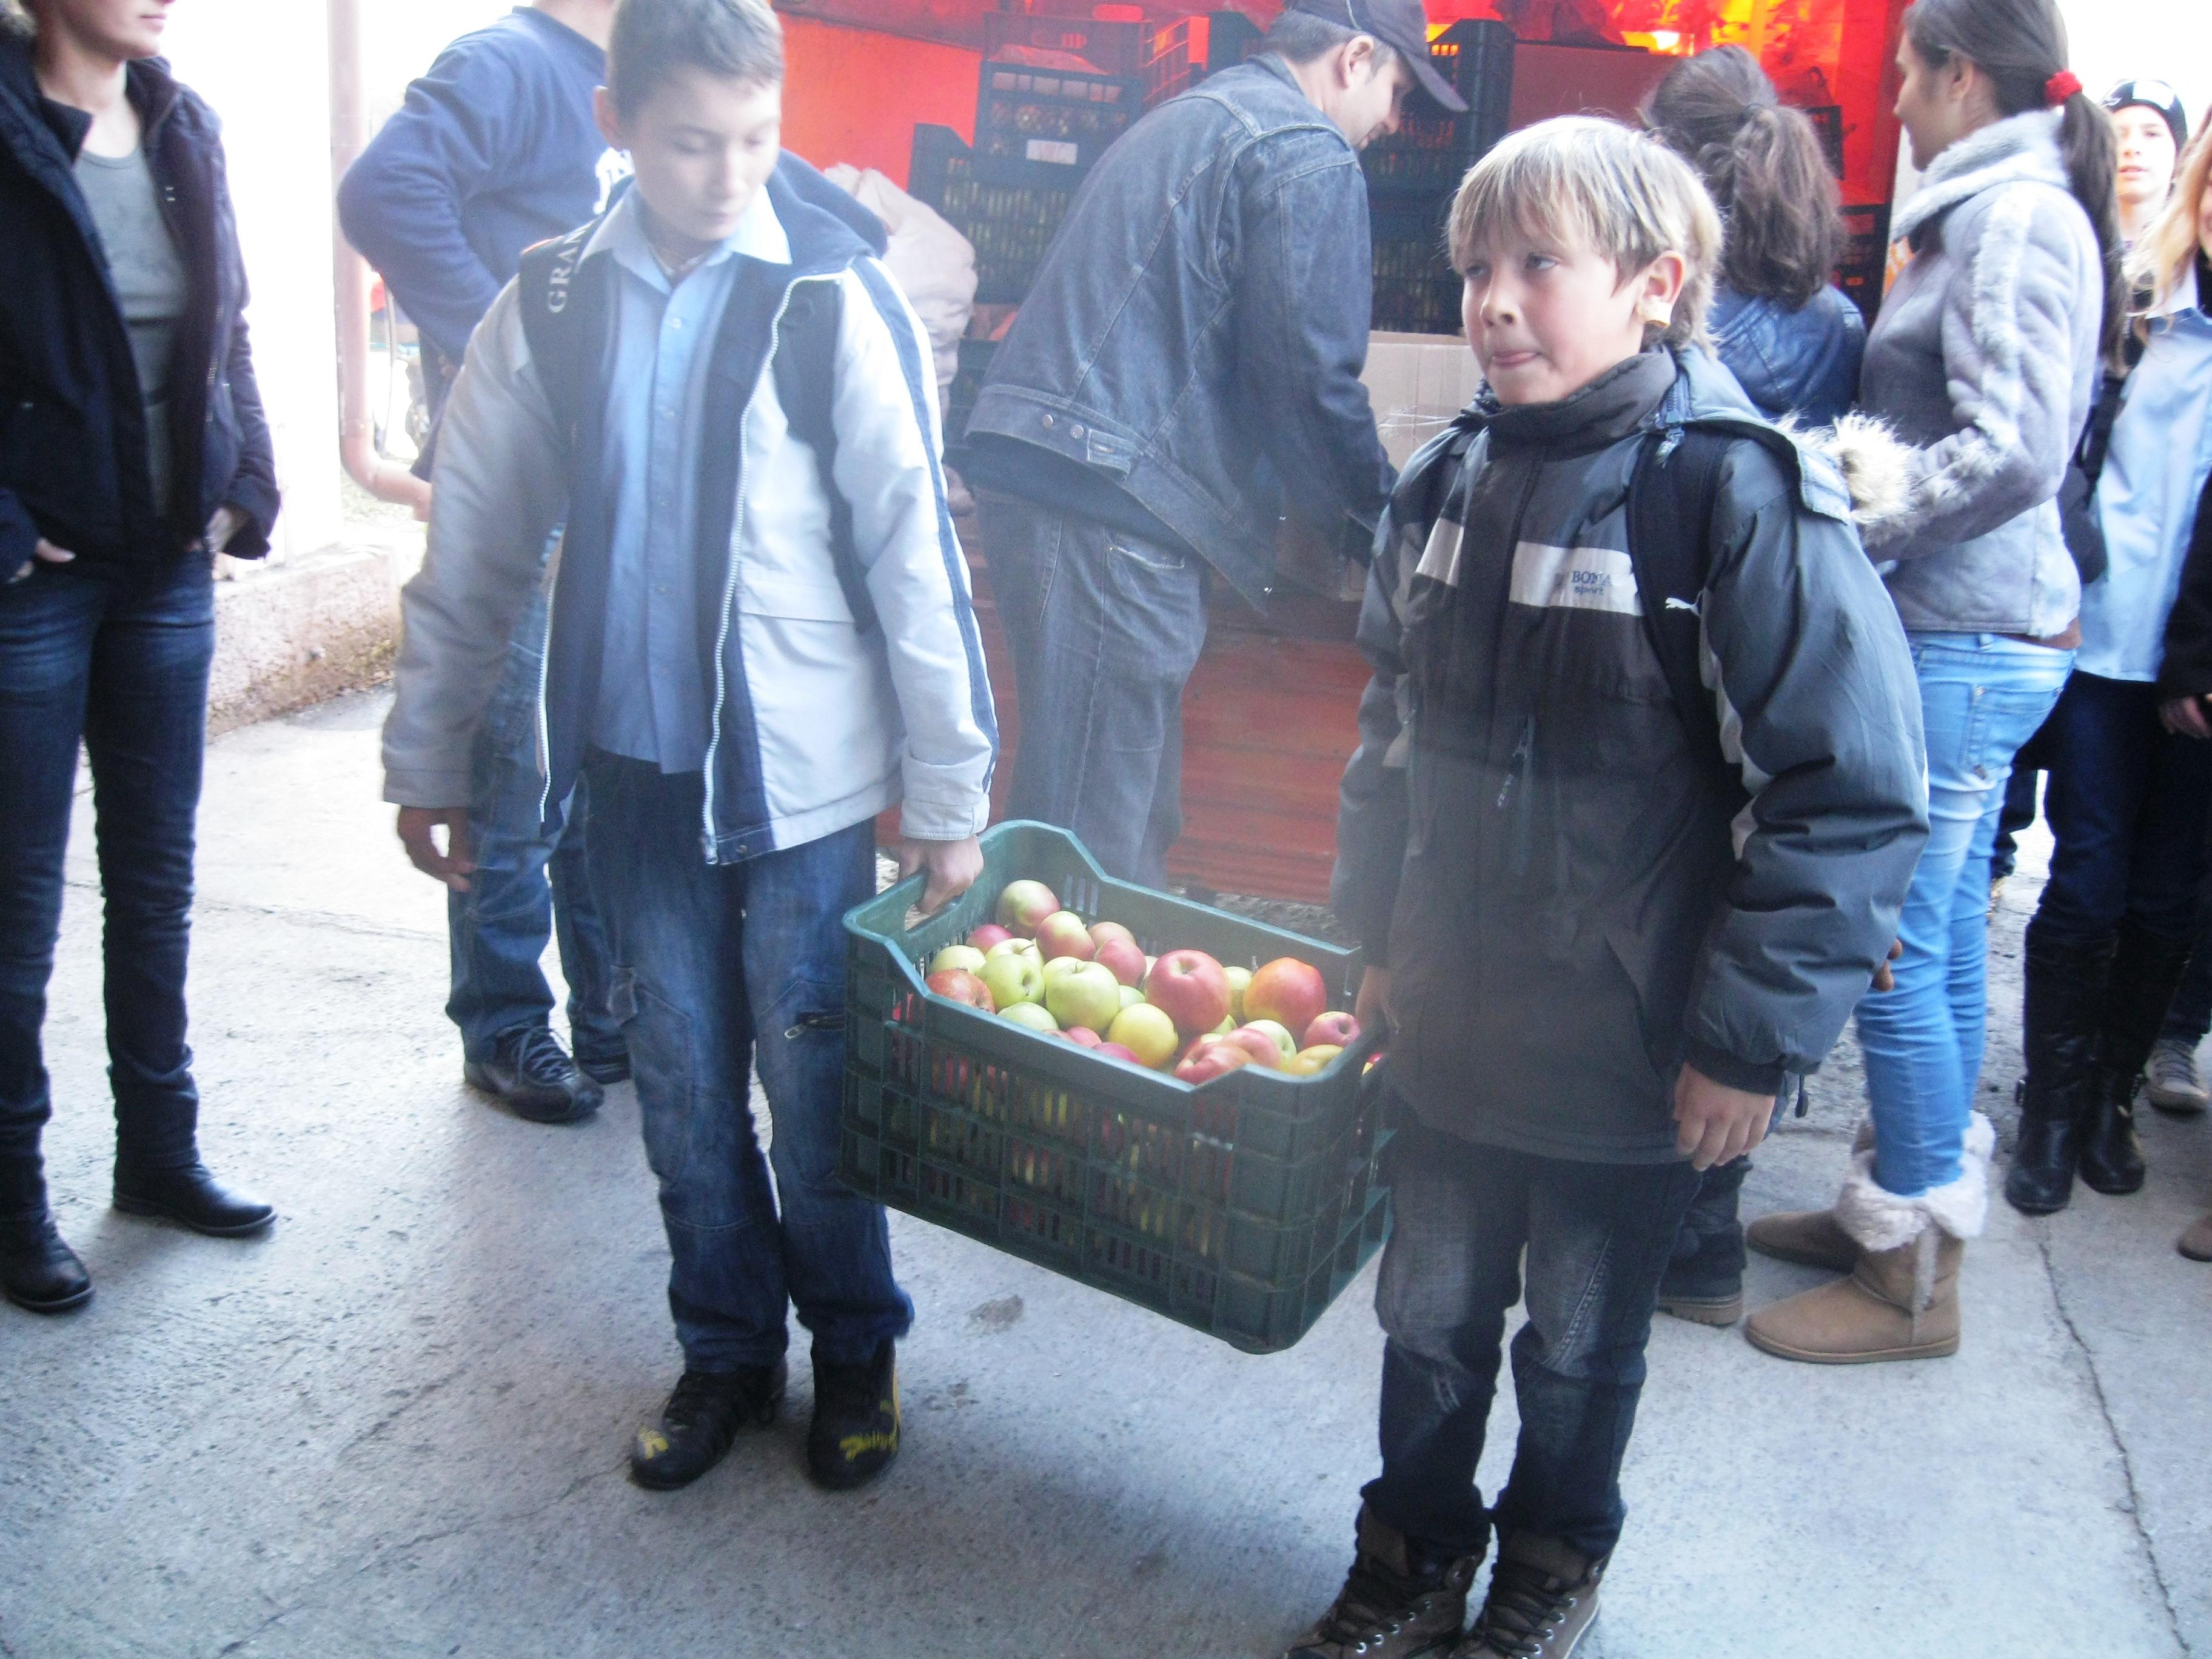 """Elevii de la Gimnaziul """"Serafim Duicu"""" din Tg Mureş au donat 800 de kg de legume si fructe cantinei sociale a Fundatiei Alpha Transilvana."""